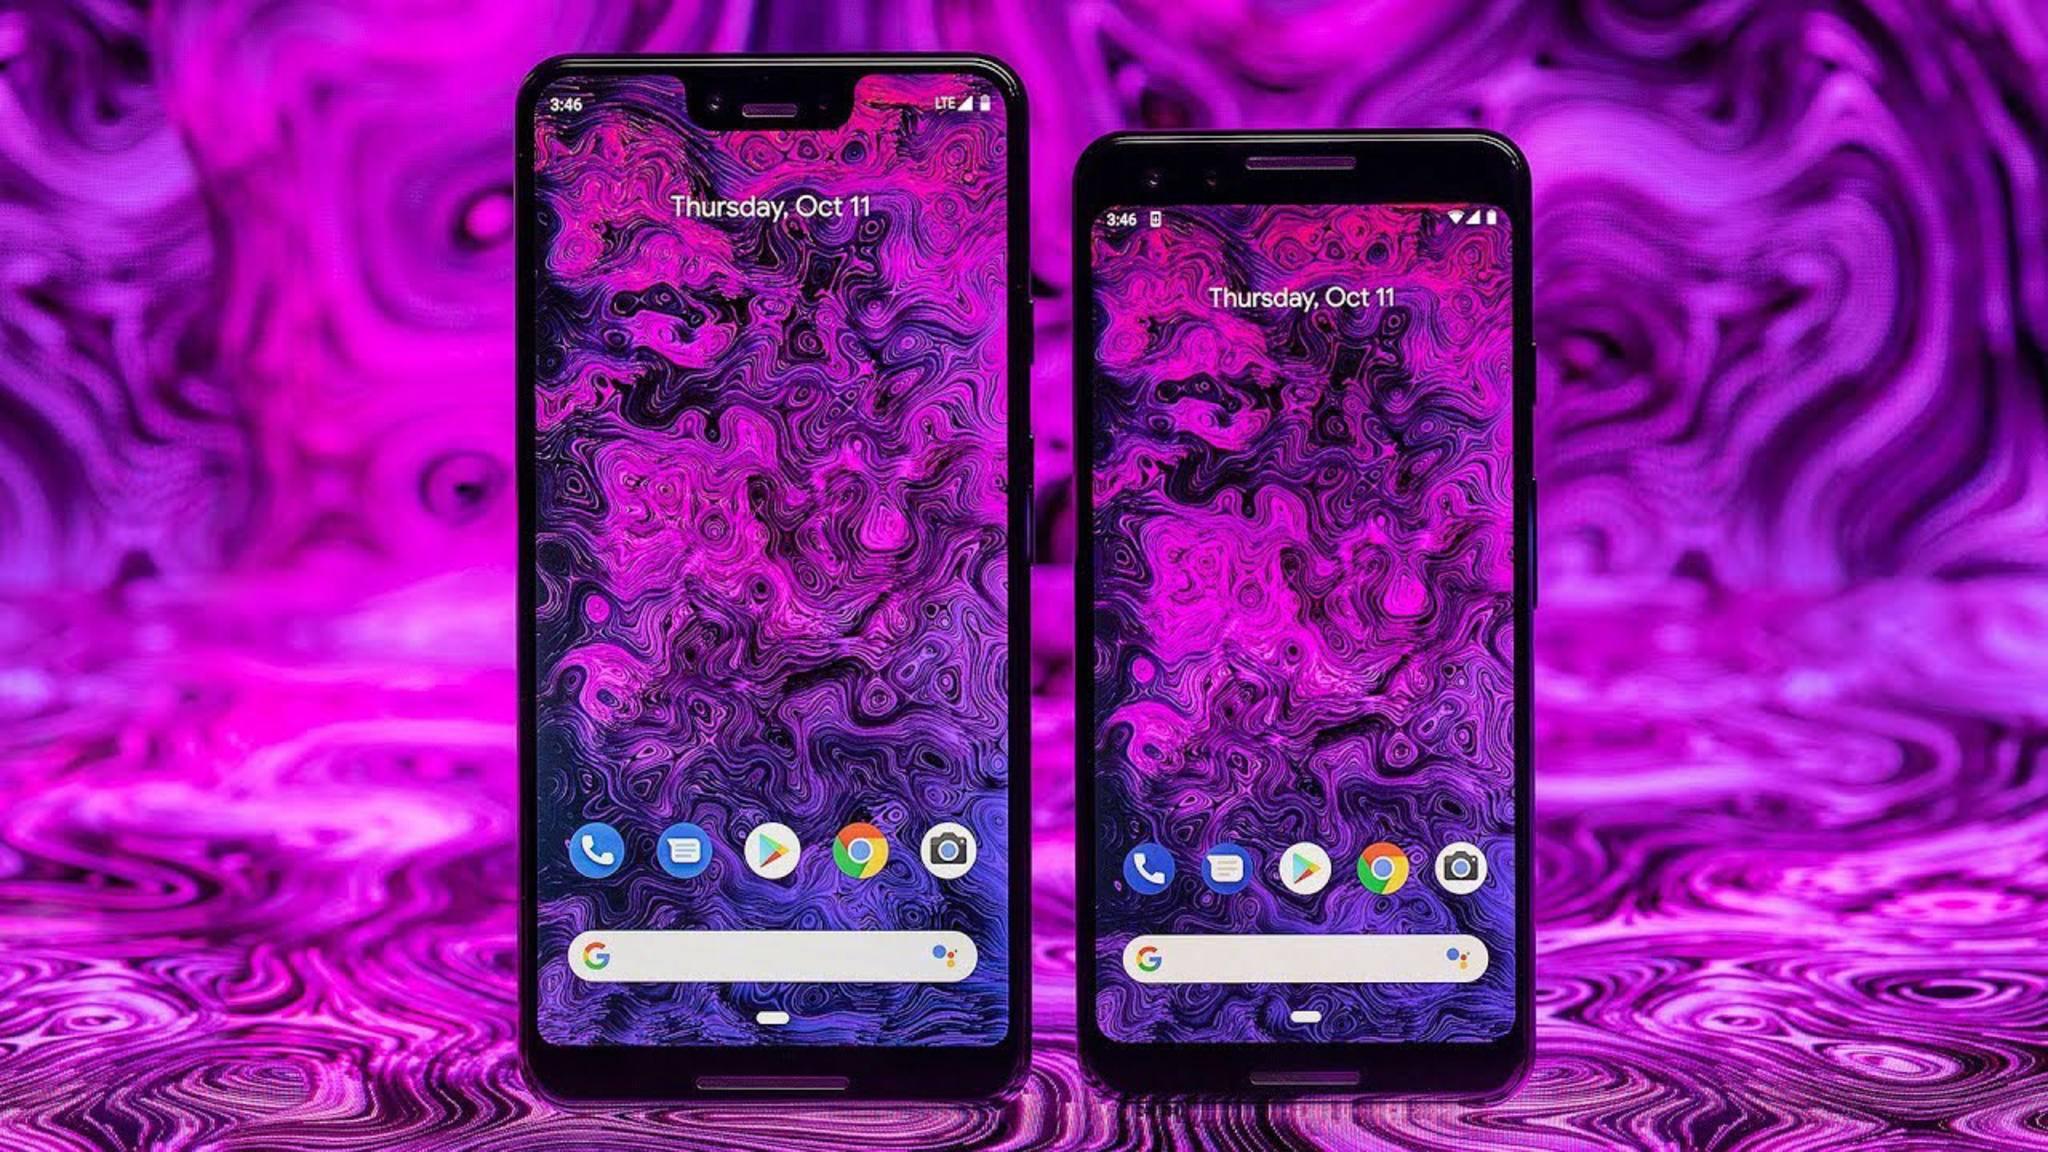 Samsung beim großen, LG beim kleinen Modell: Die Displays der neuen Pixel-Phones stammen von verschiedenen Herstellern.